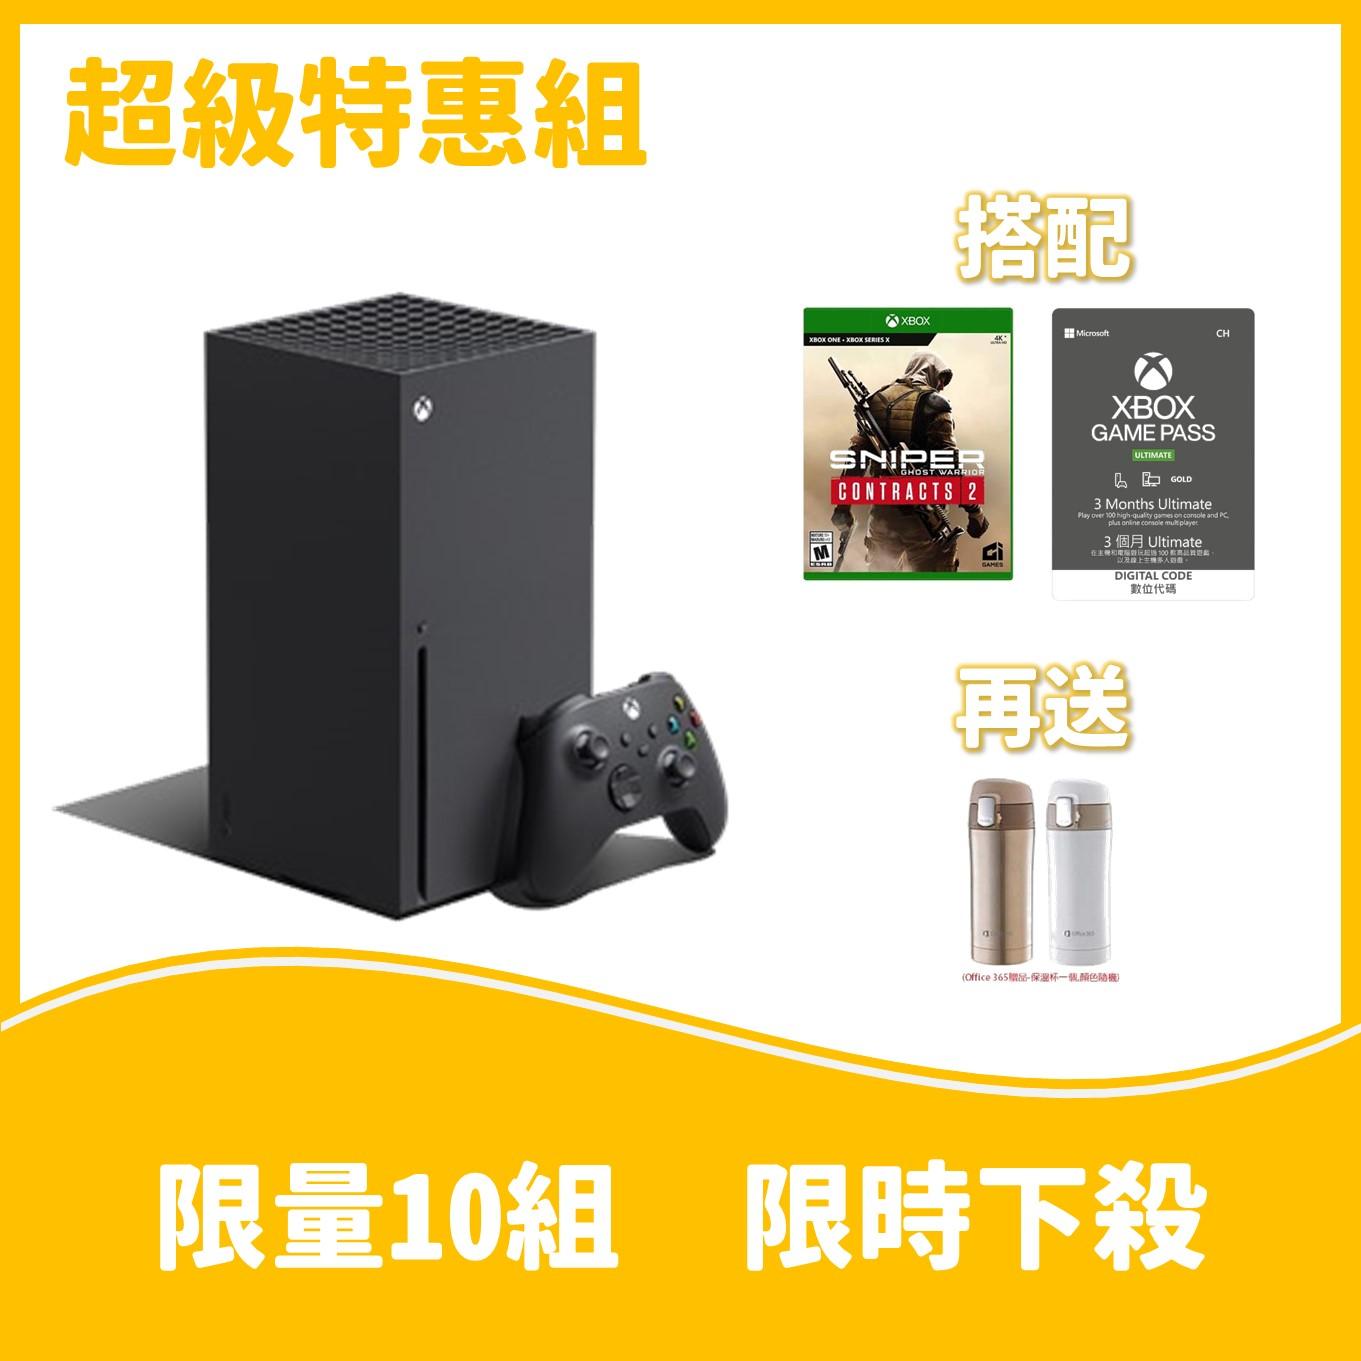 【超級特惠組】Xbox Series X主機 超級特惠組